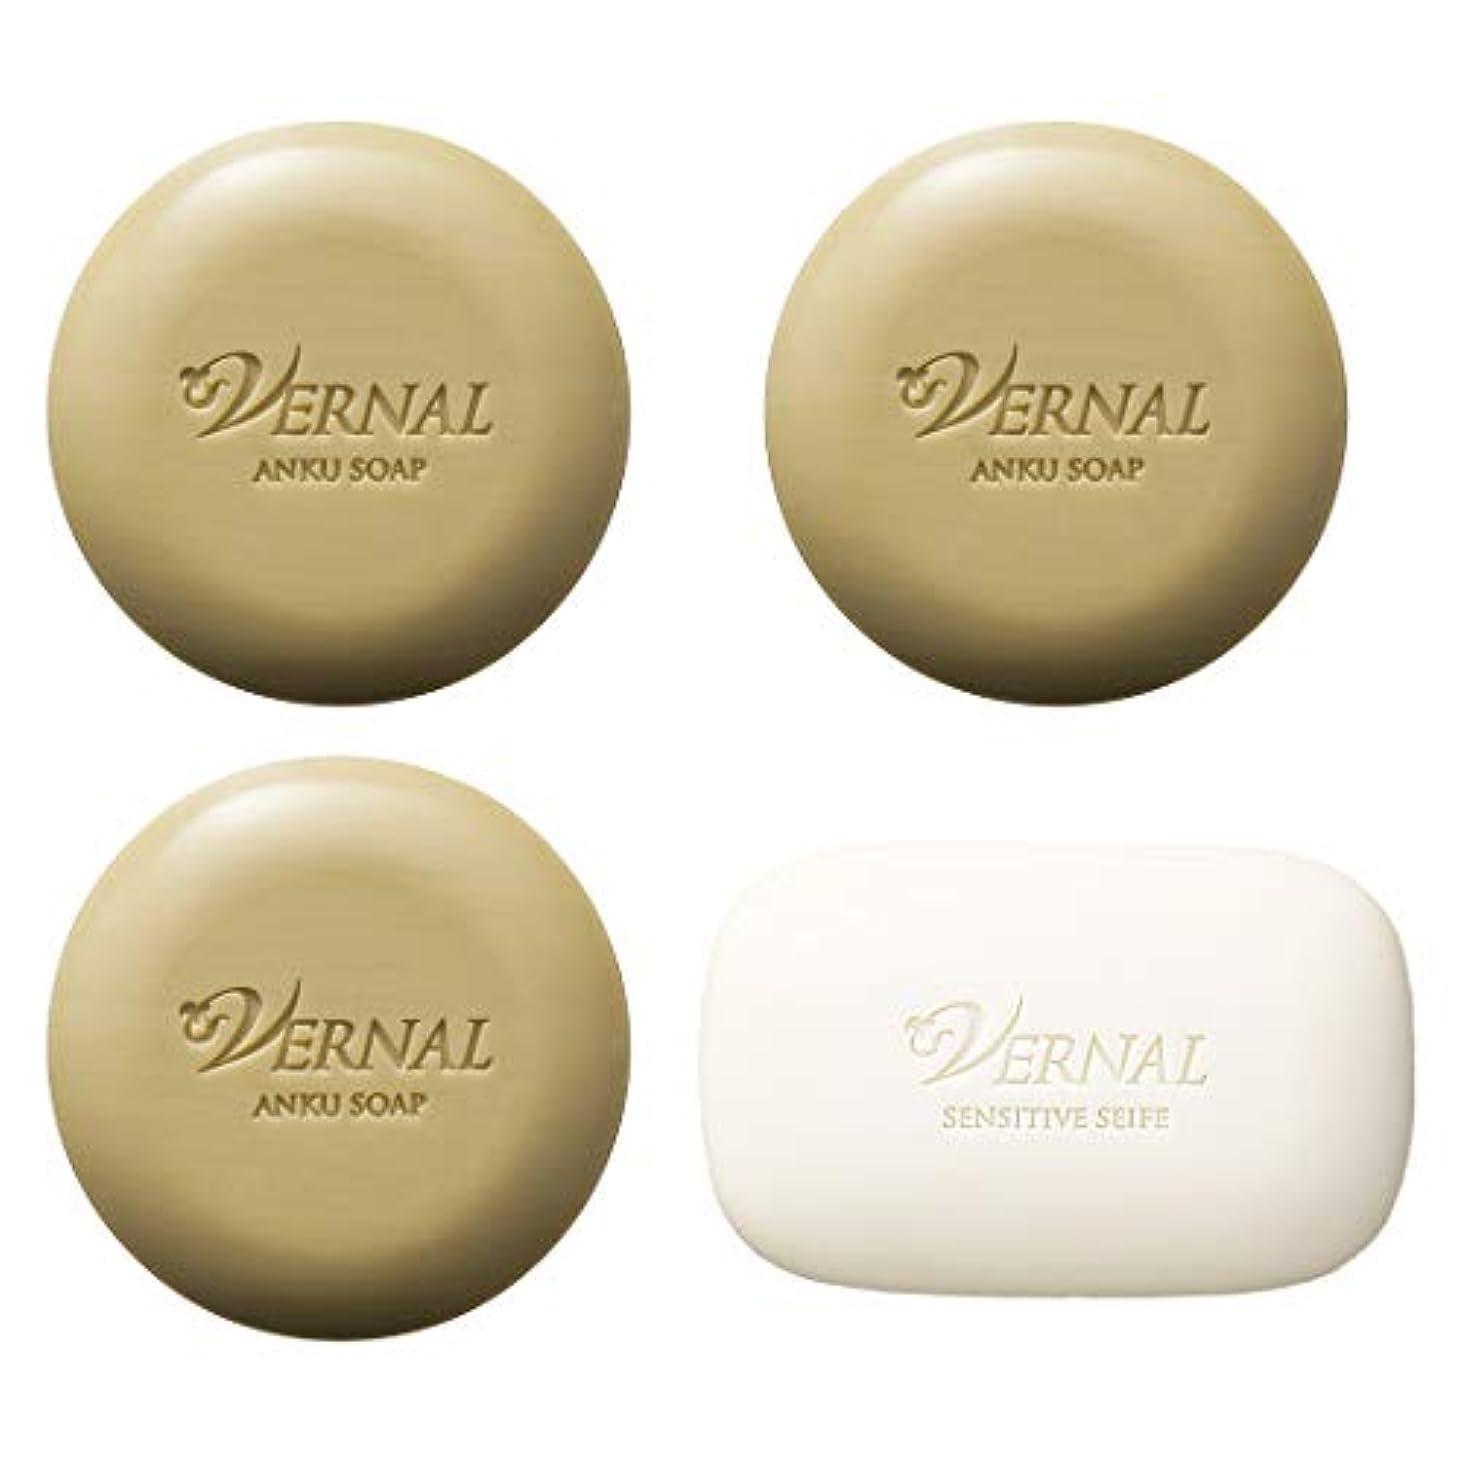 許可する重力予防接種するアンク3個ザイフ1個(ベーシックソープ各110g)/ ヴァーナル 洗顔石鹸 お得価格